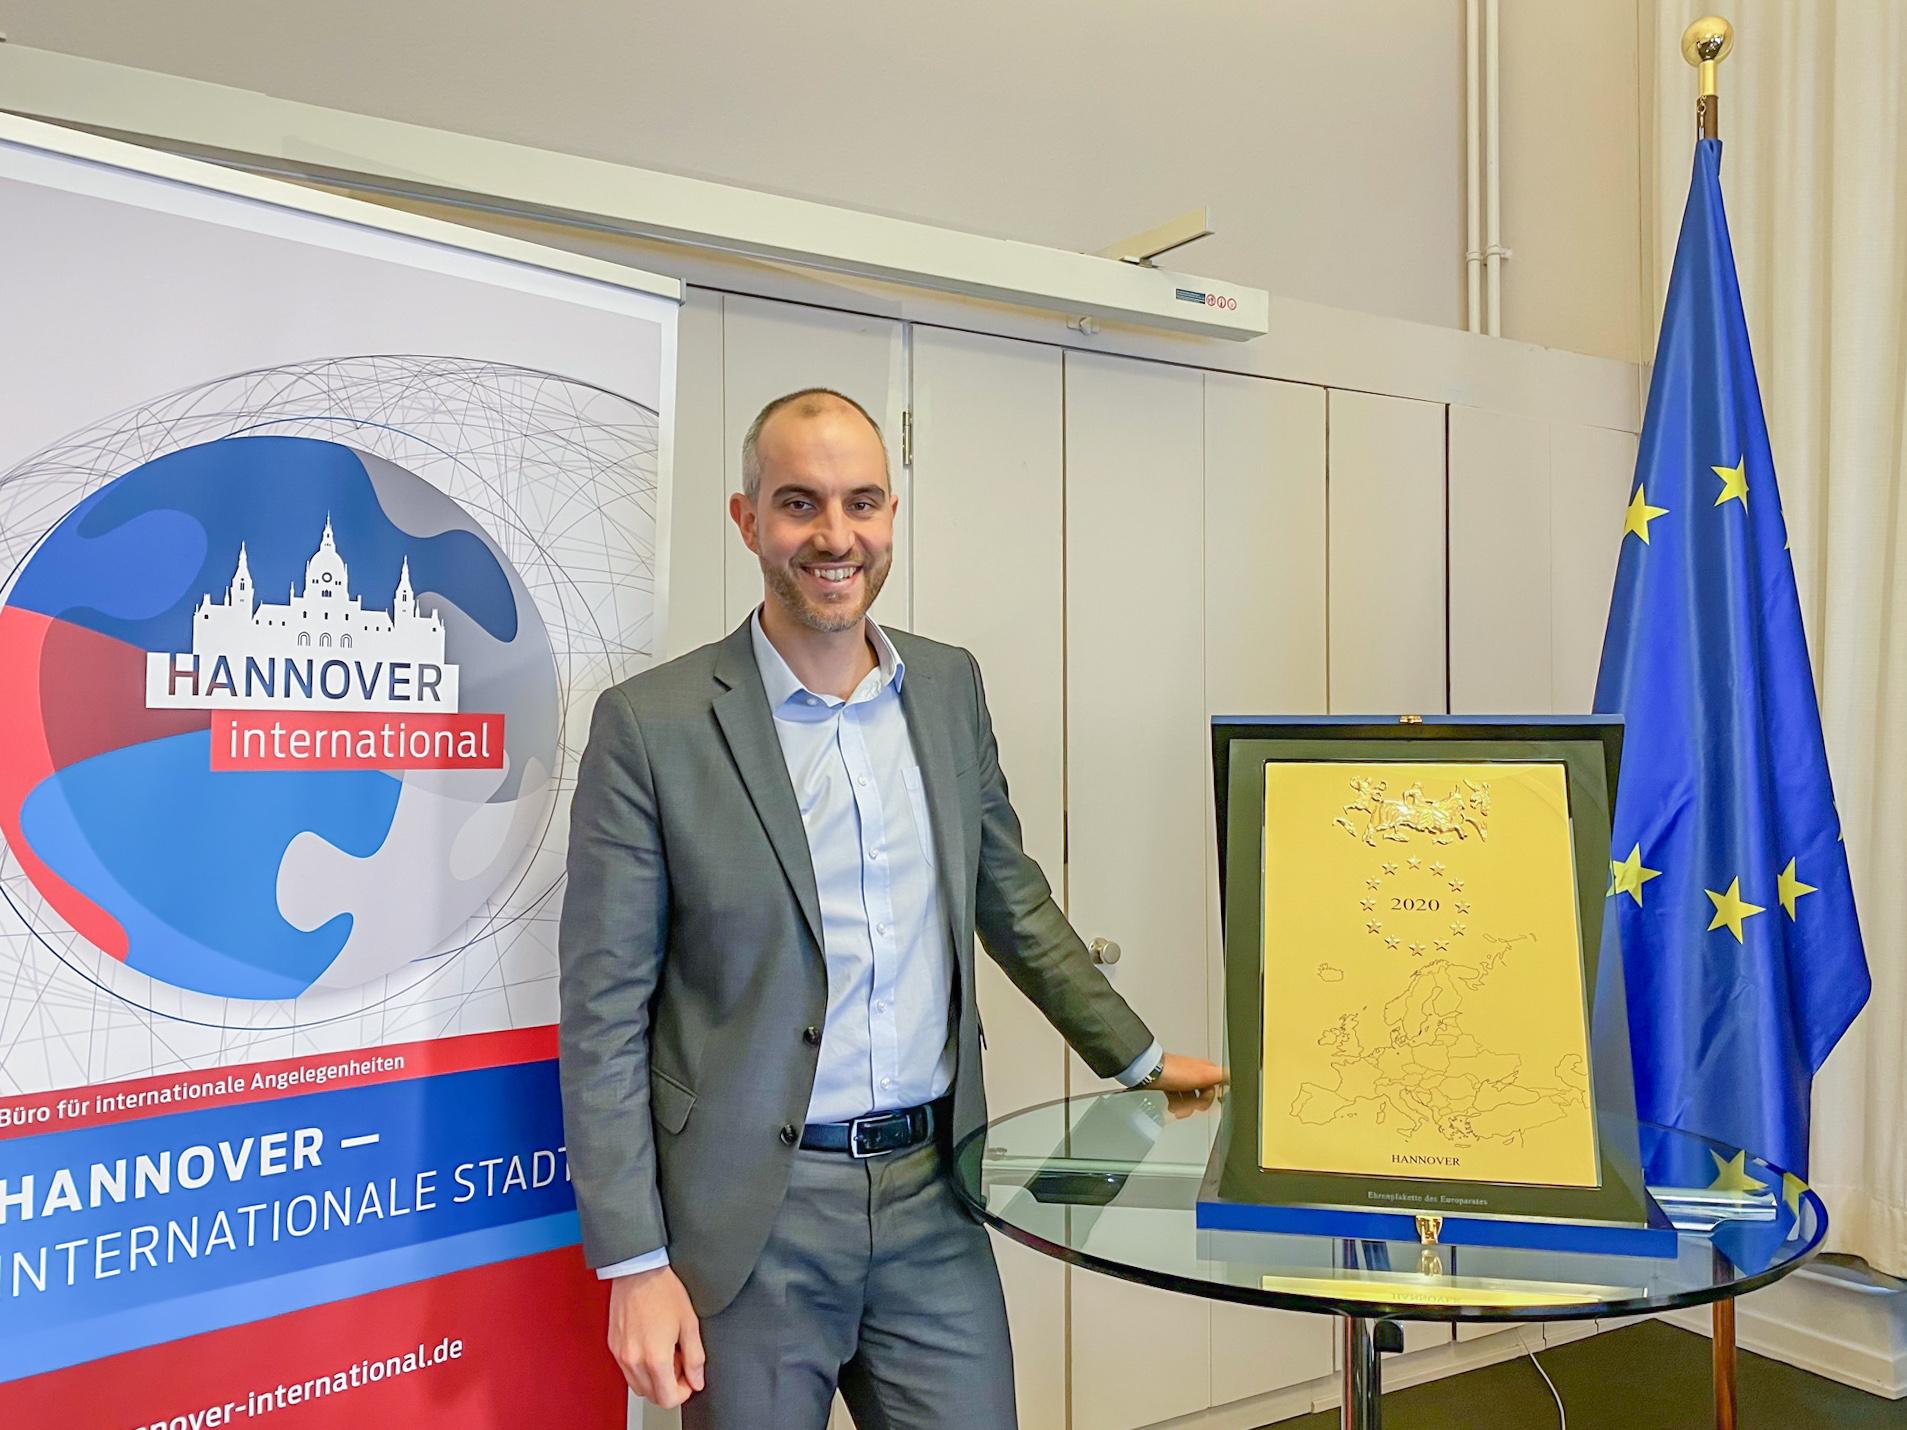 """Belit Onay steht an einem Tisch, auf dem die Ehrenplakette des Europarates steht, daneben die Flagge der EU und ein Aufsteller mit der Aufschrift """"Hannover – Internationale Stadt"""""""